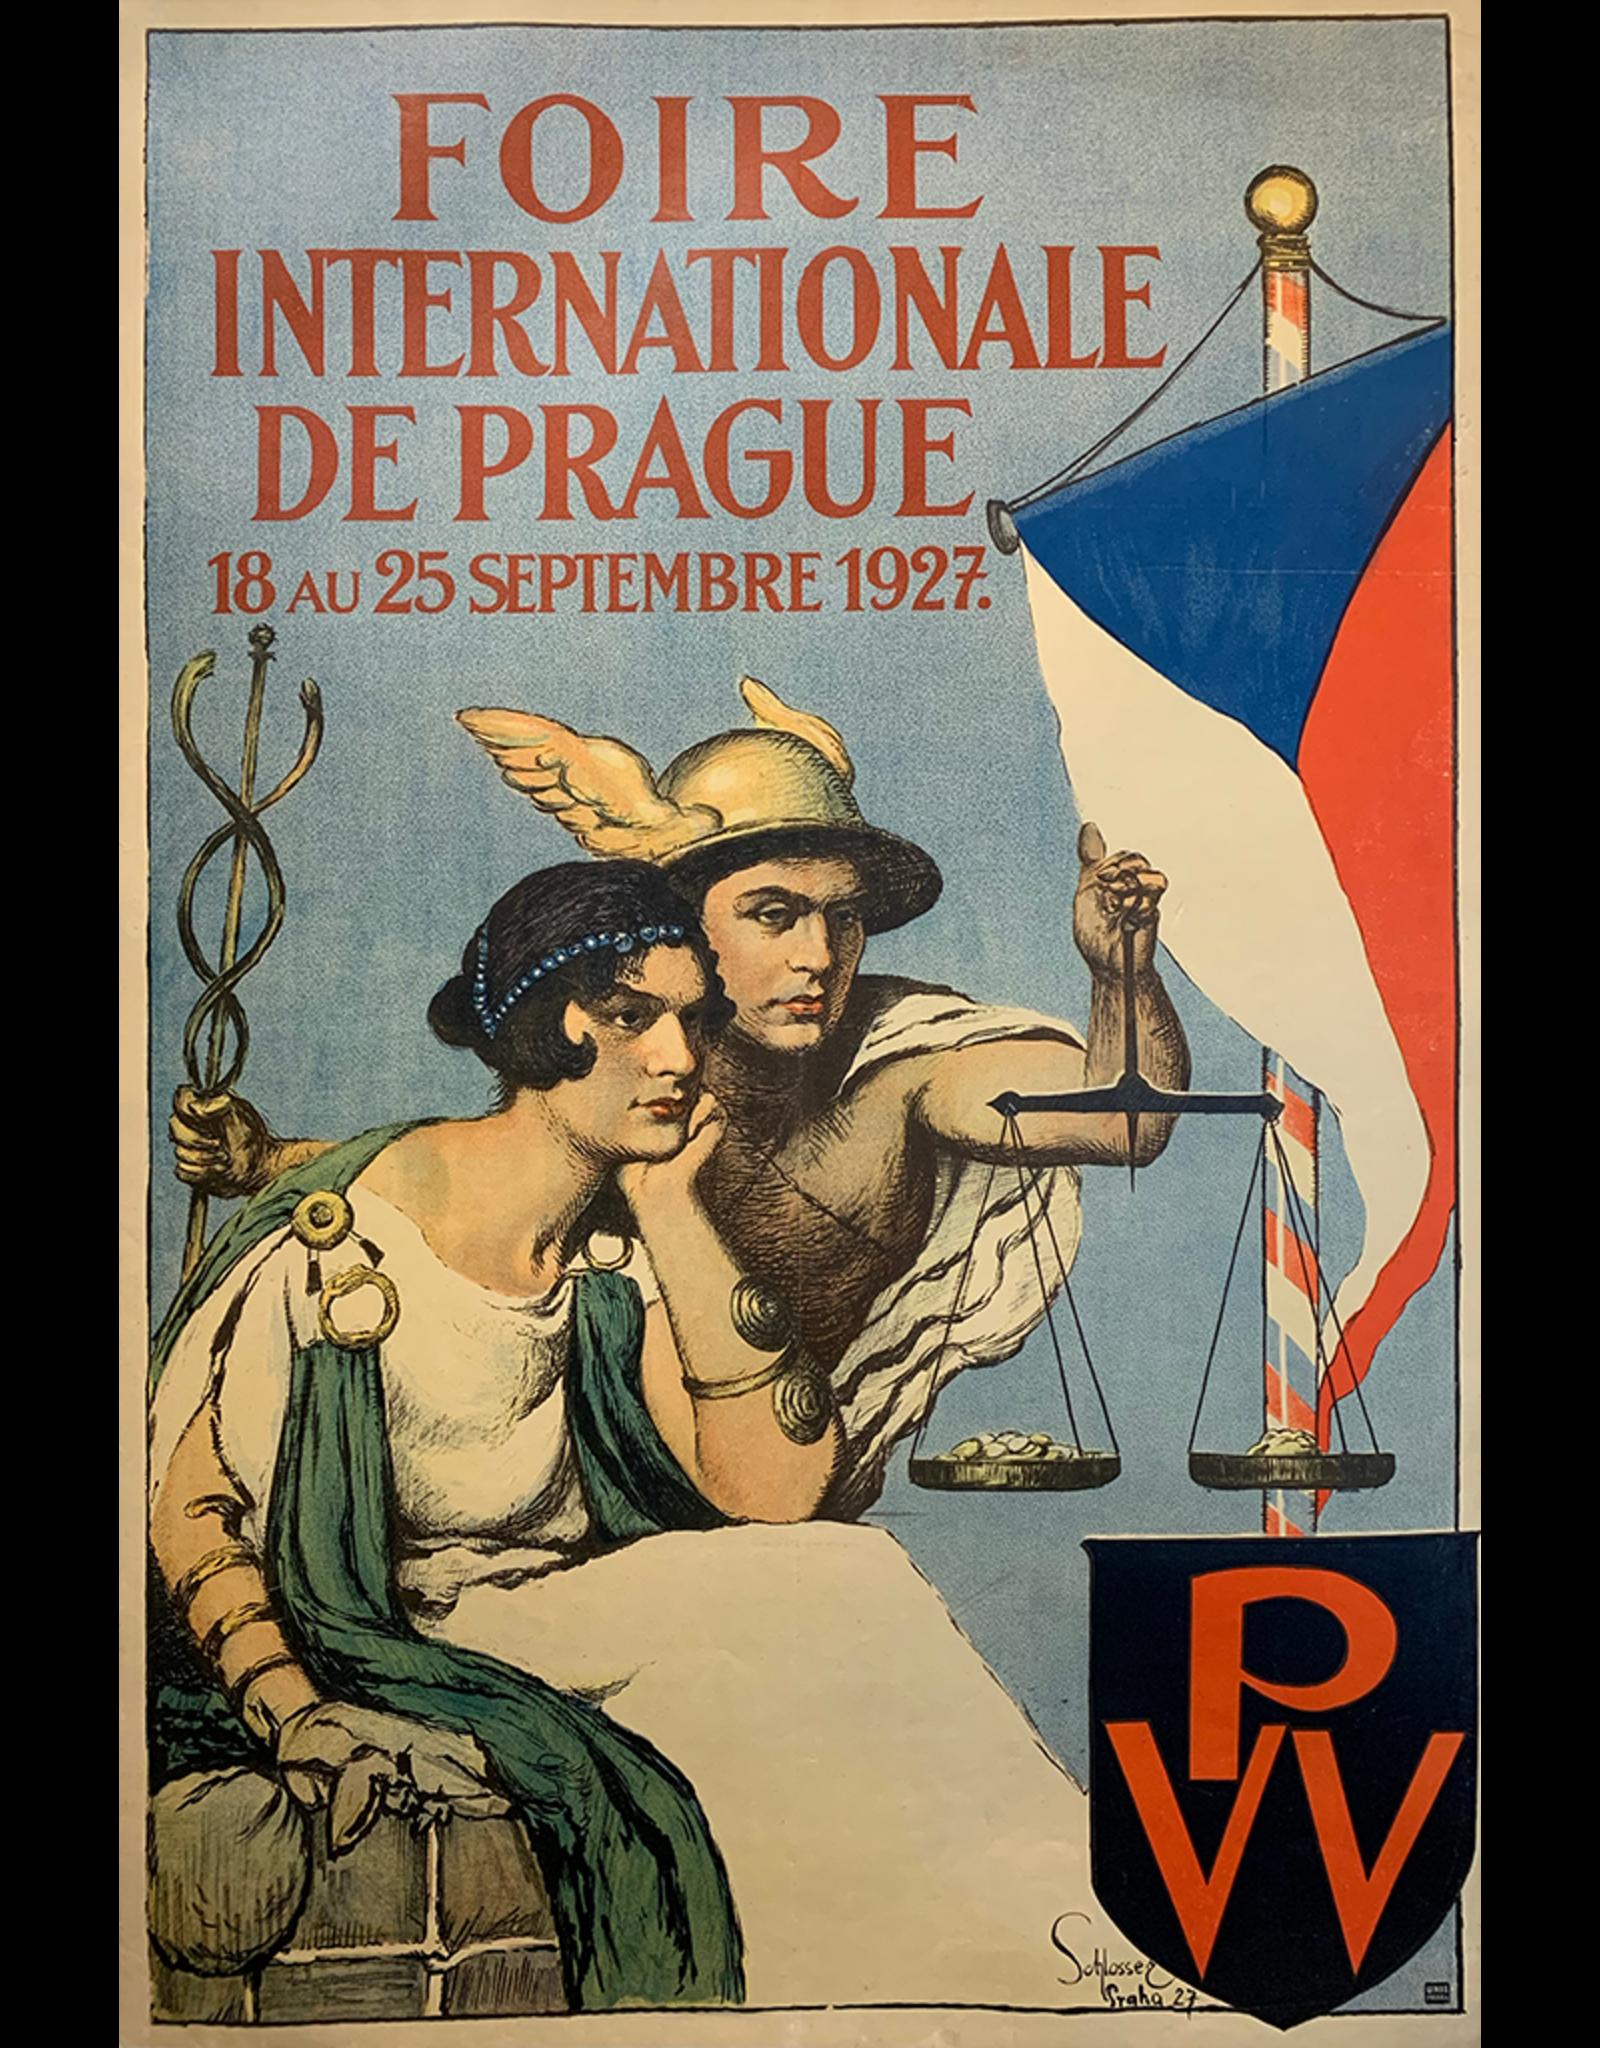 SPV International Fair, Prague 1927